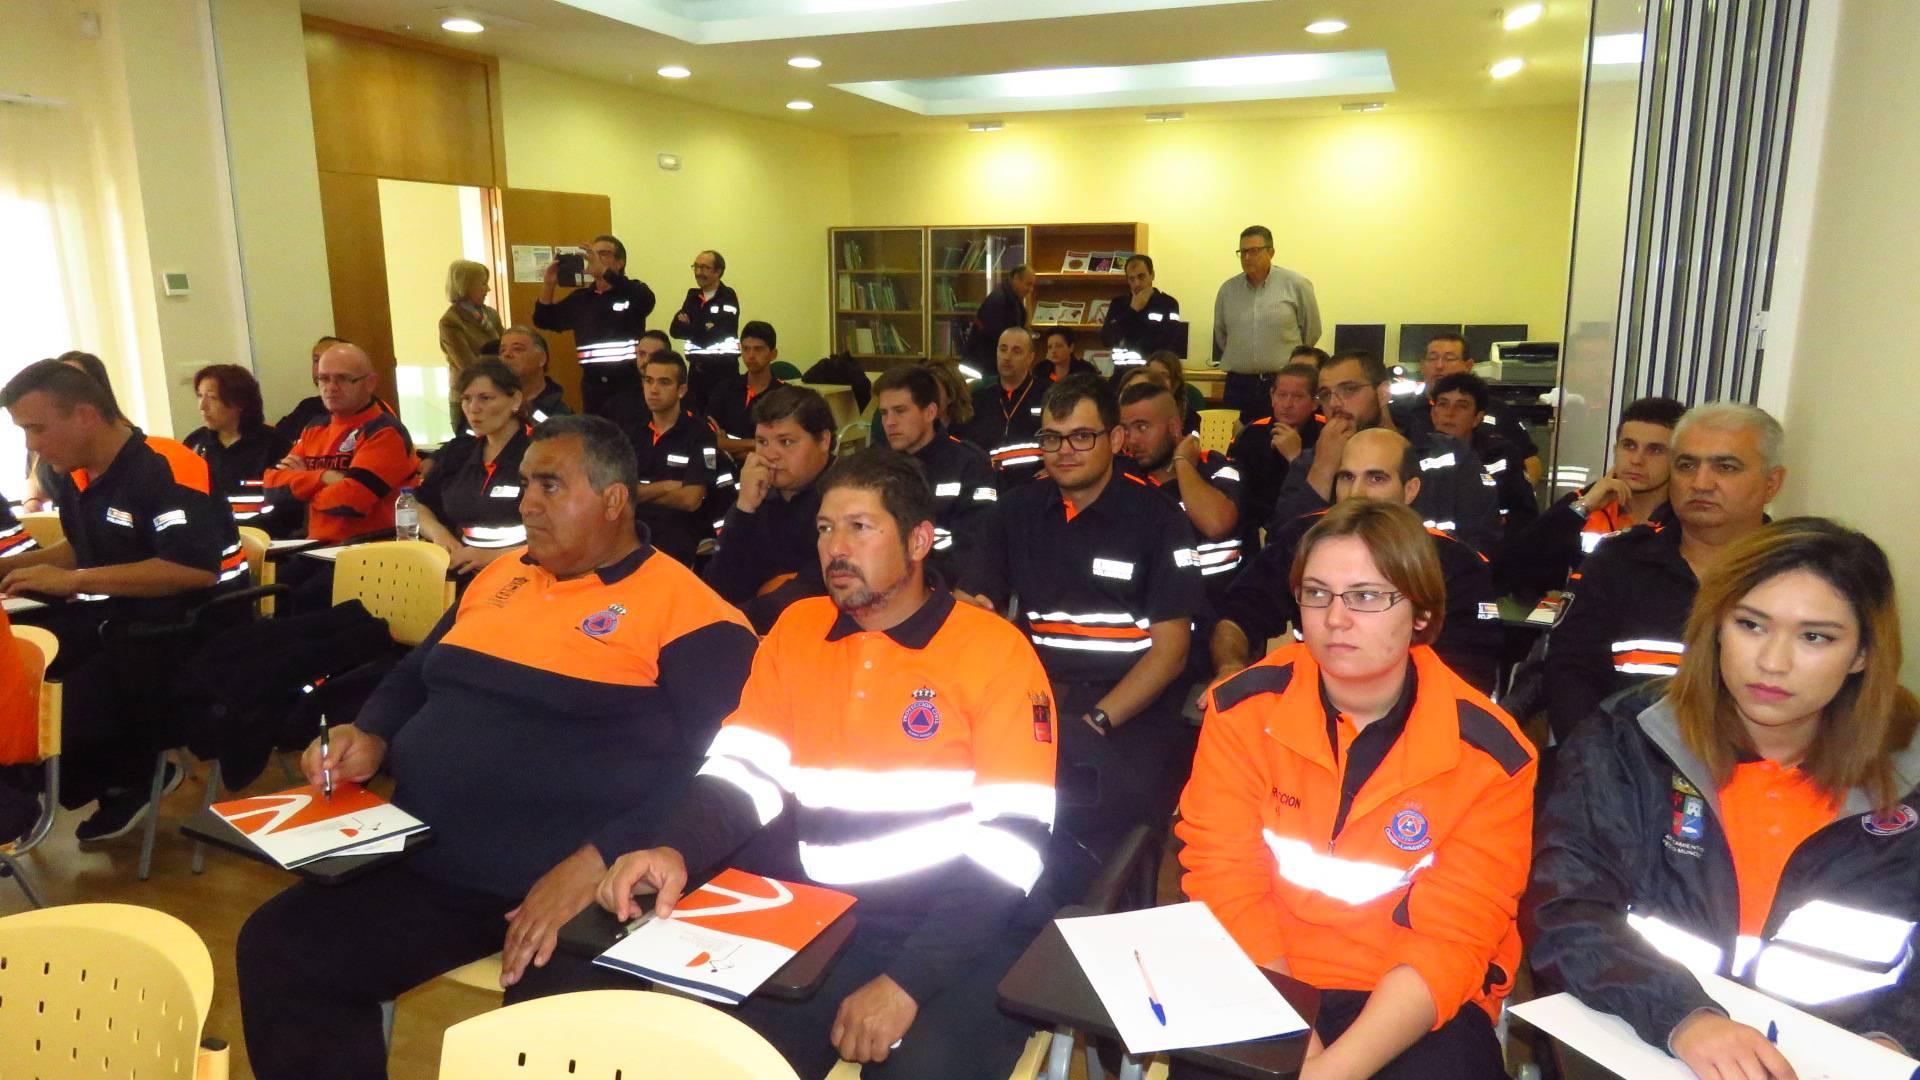 formacion proteccion civil manzanares - Protección civil de Herencia se forma en Manzanares junto con 60 voluntarios